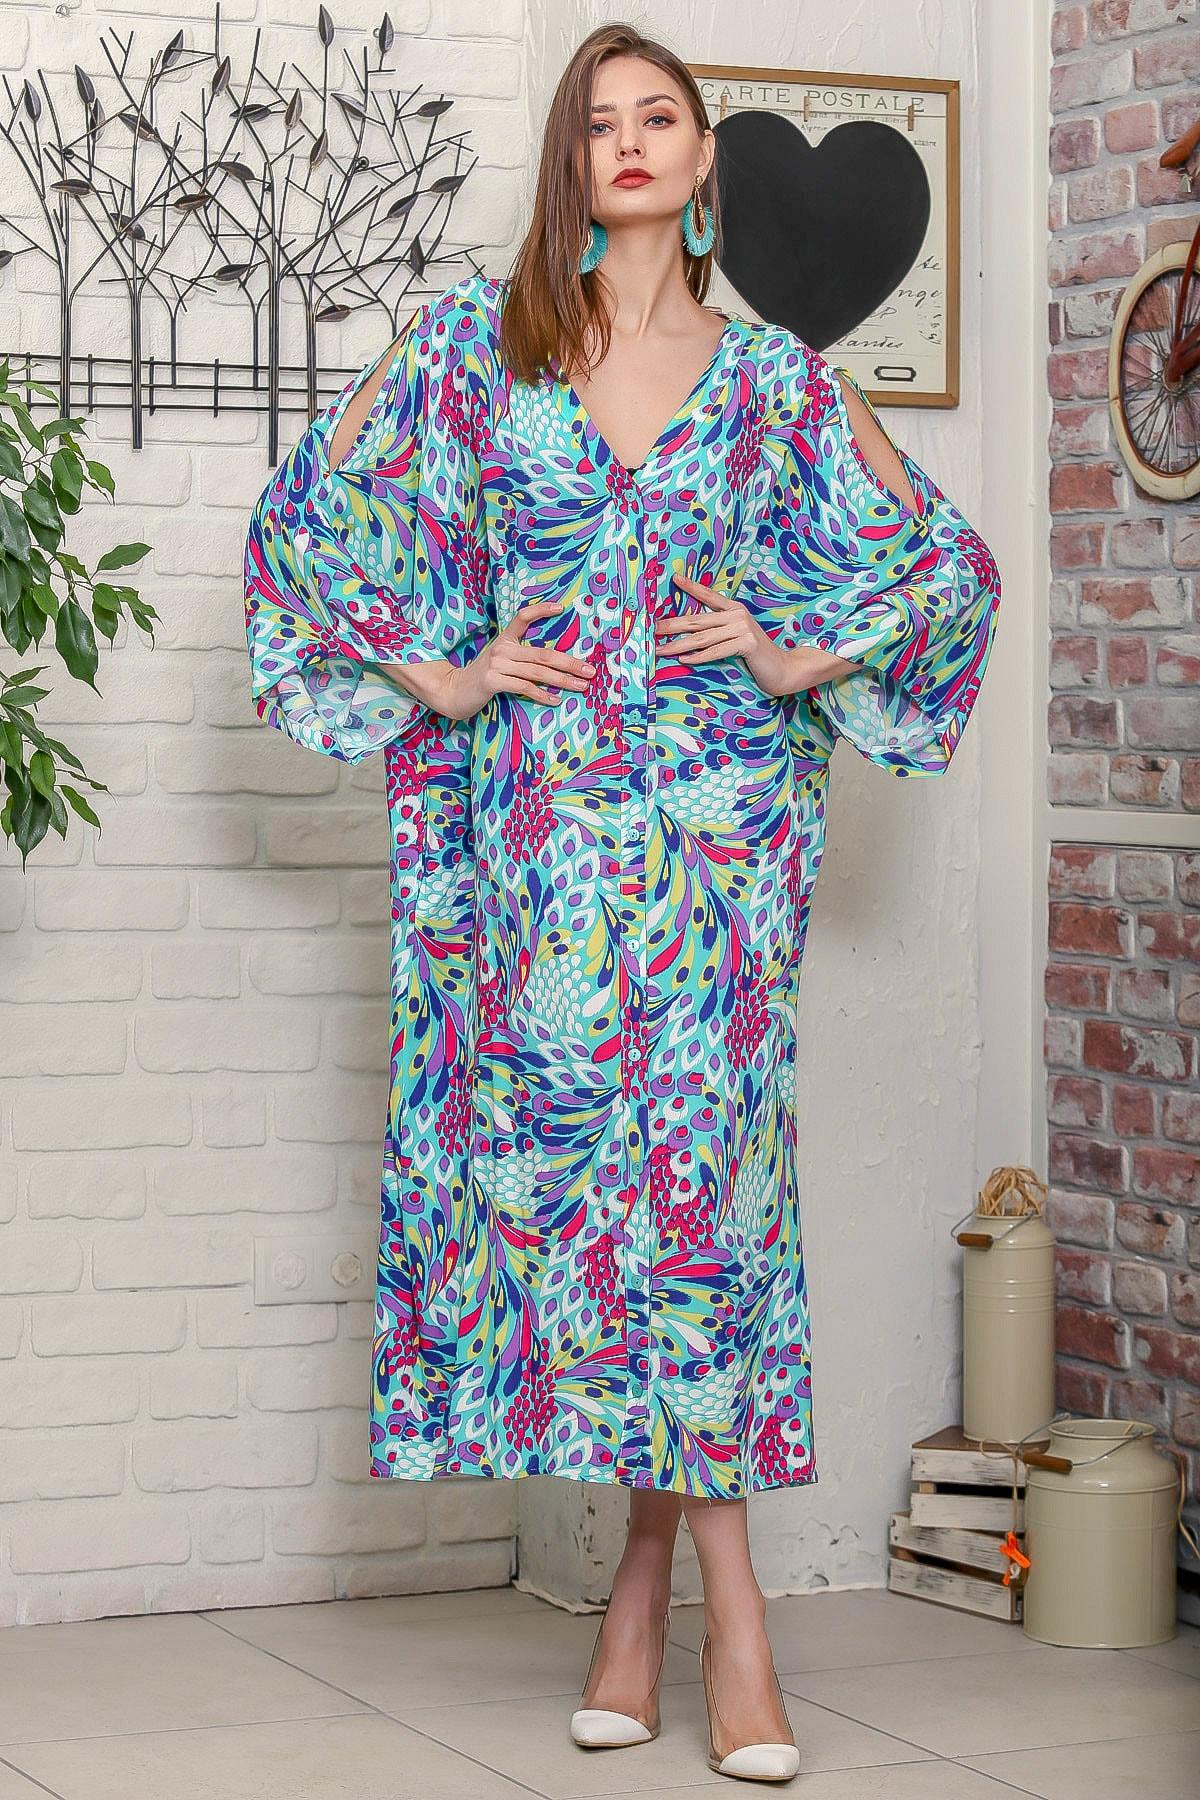 Chiccy Kadın Turkuaz Tavus Kuşu Tüy Desenli Omuzları Pencereli Düğme Detaylı Salaş Uzun Dokuma Elbise